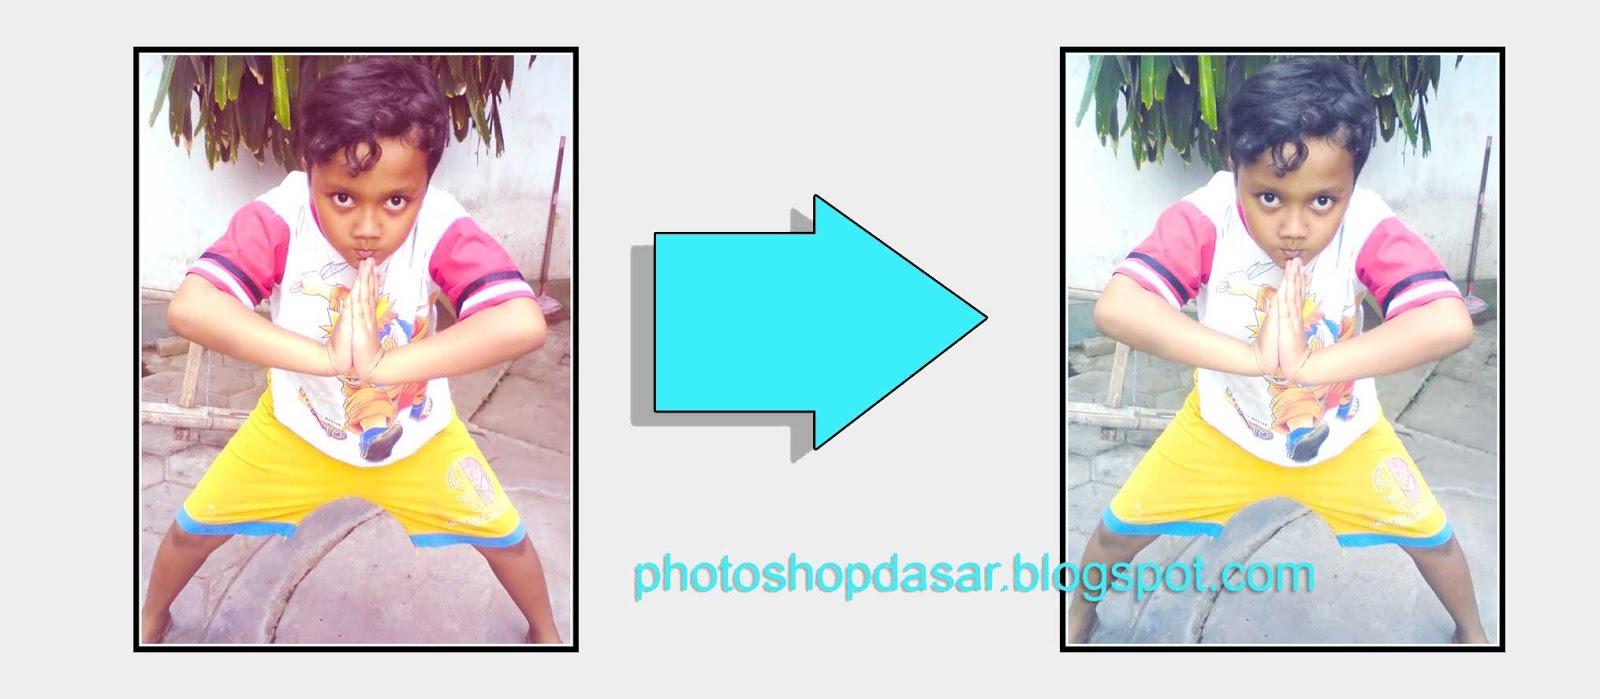 Cara mengedit foto kemerahan dengan photoshop